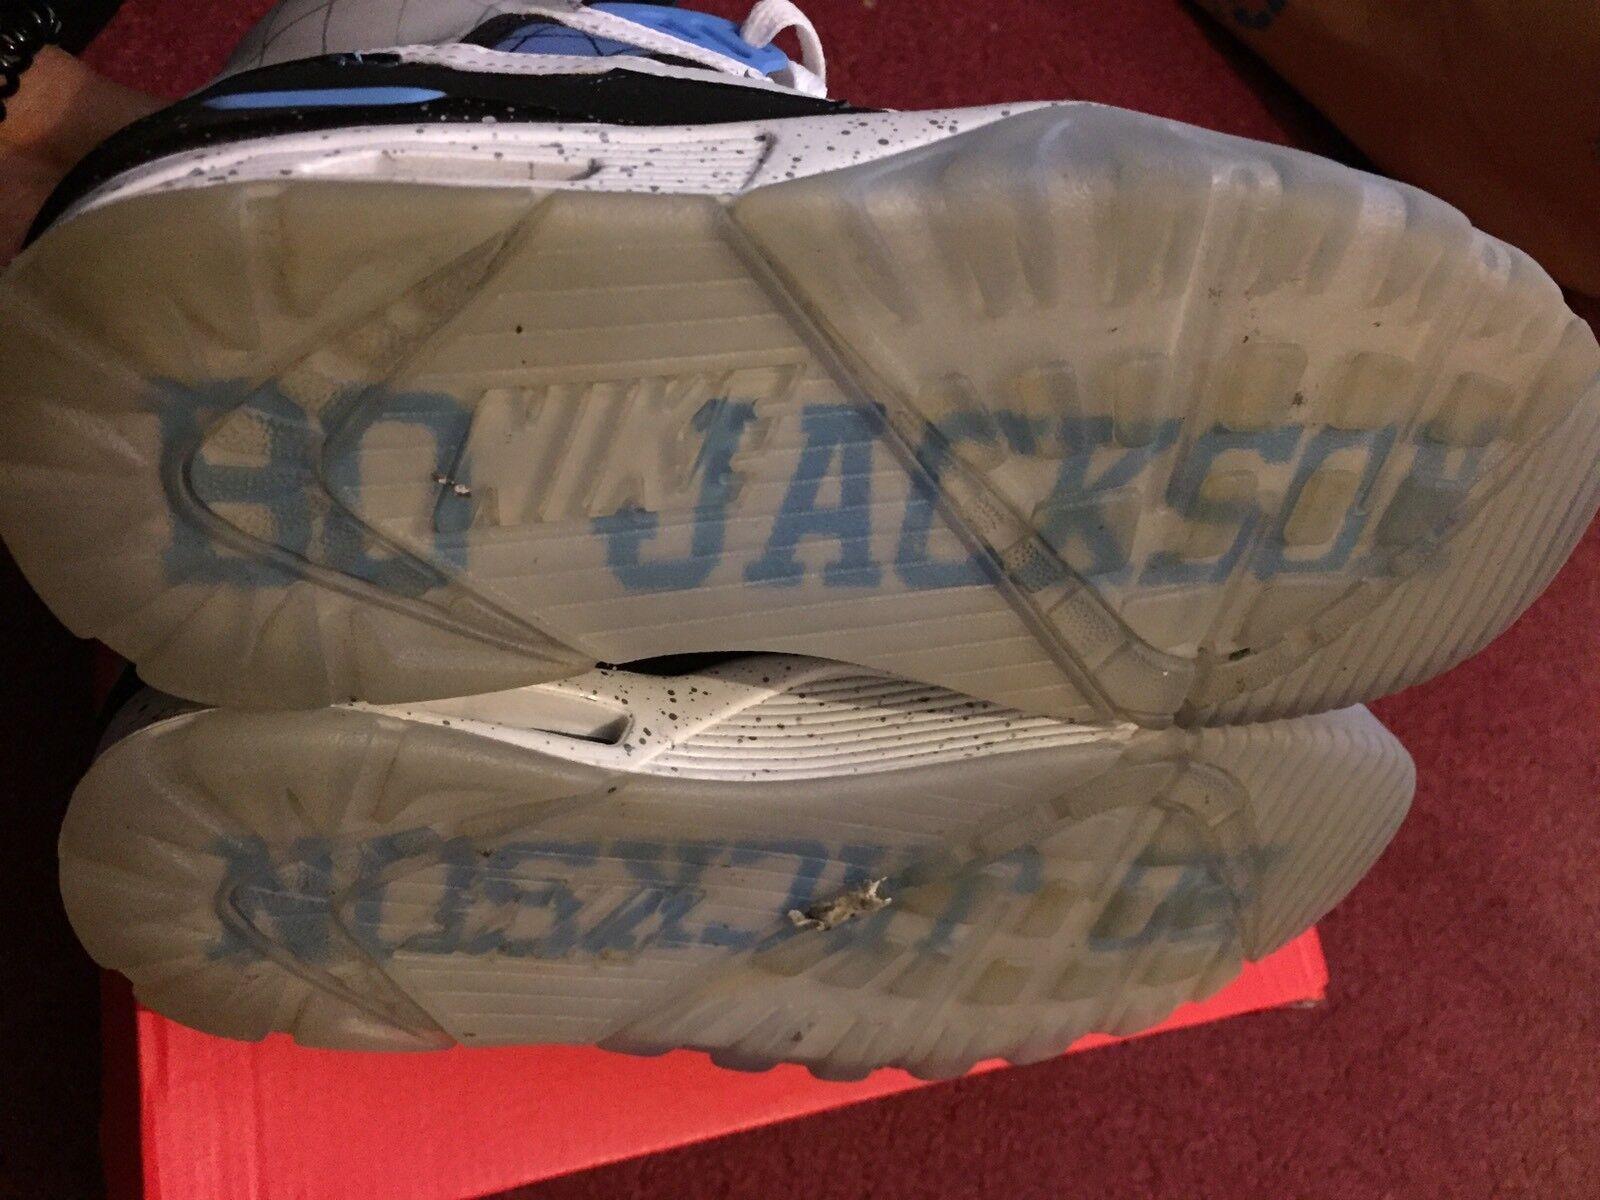 Nike Air BO Trainer SC BO Air Jackson Taglia 5.5 008063